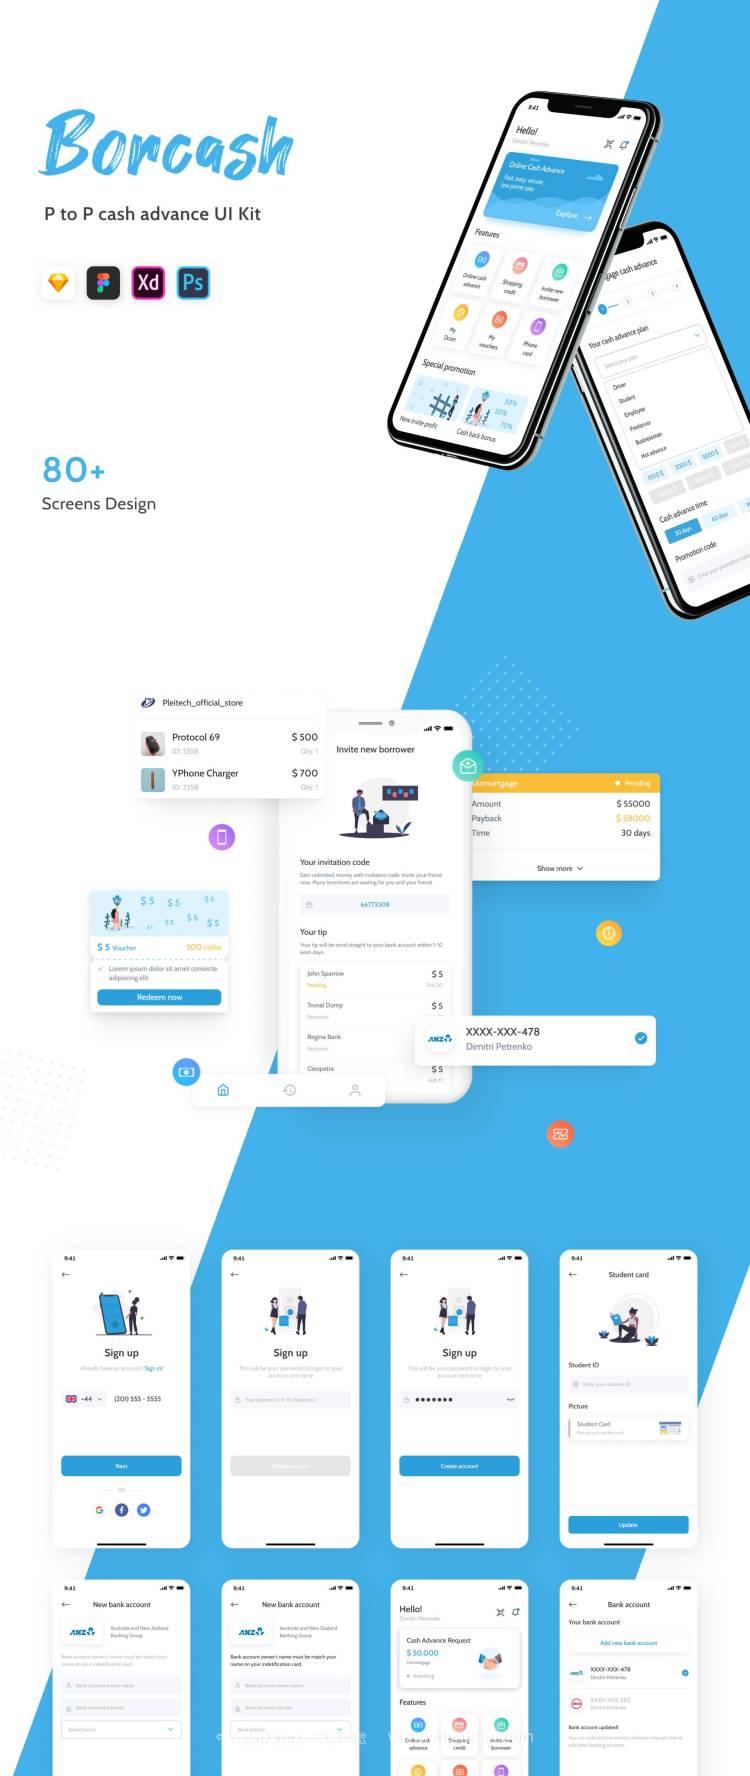 互联网金融app界面设计_P2P借贷UI设计素材图片